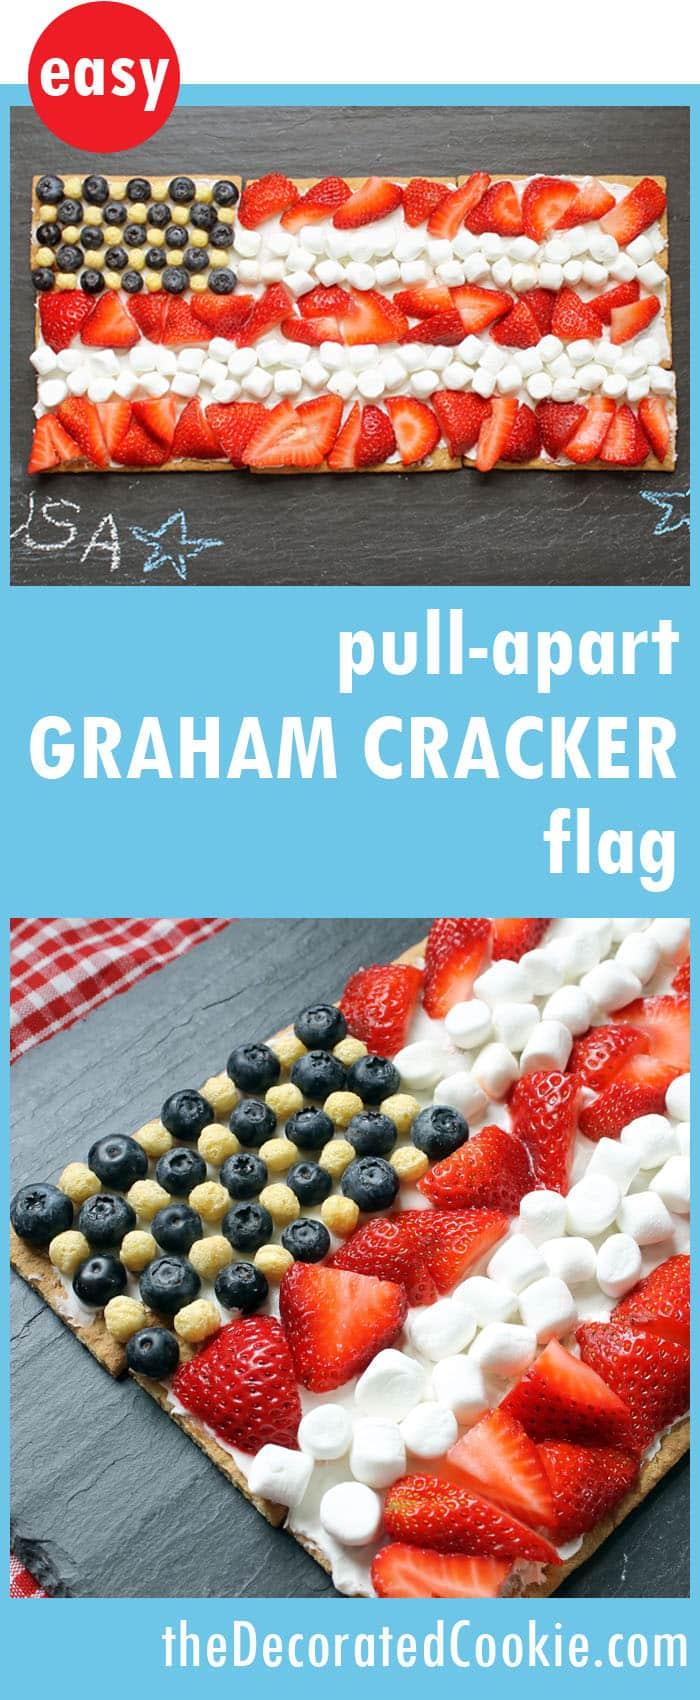 easy, no-bake, pull-apart graham cracker flag dessert -- Memorial Day dessert, 4th of July dessert